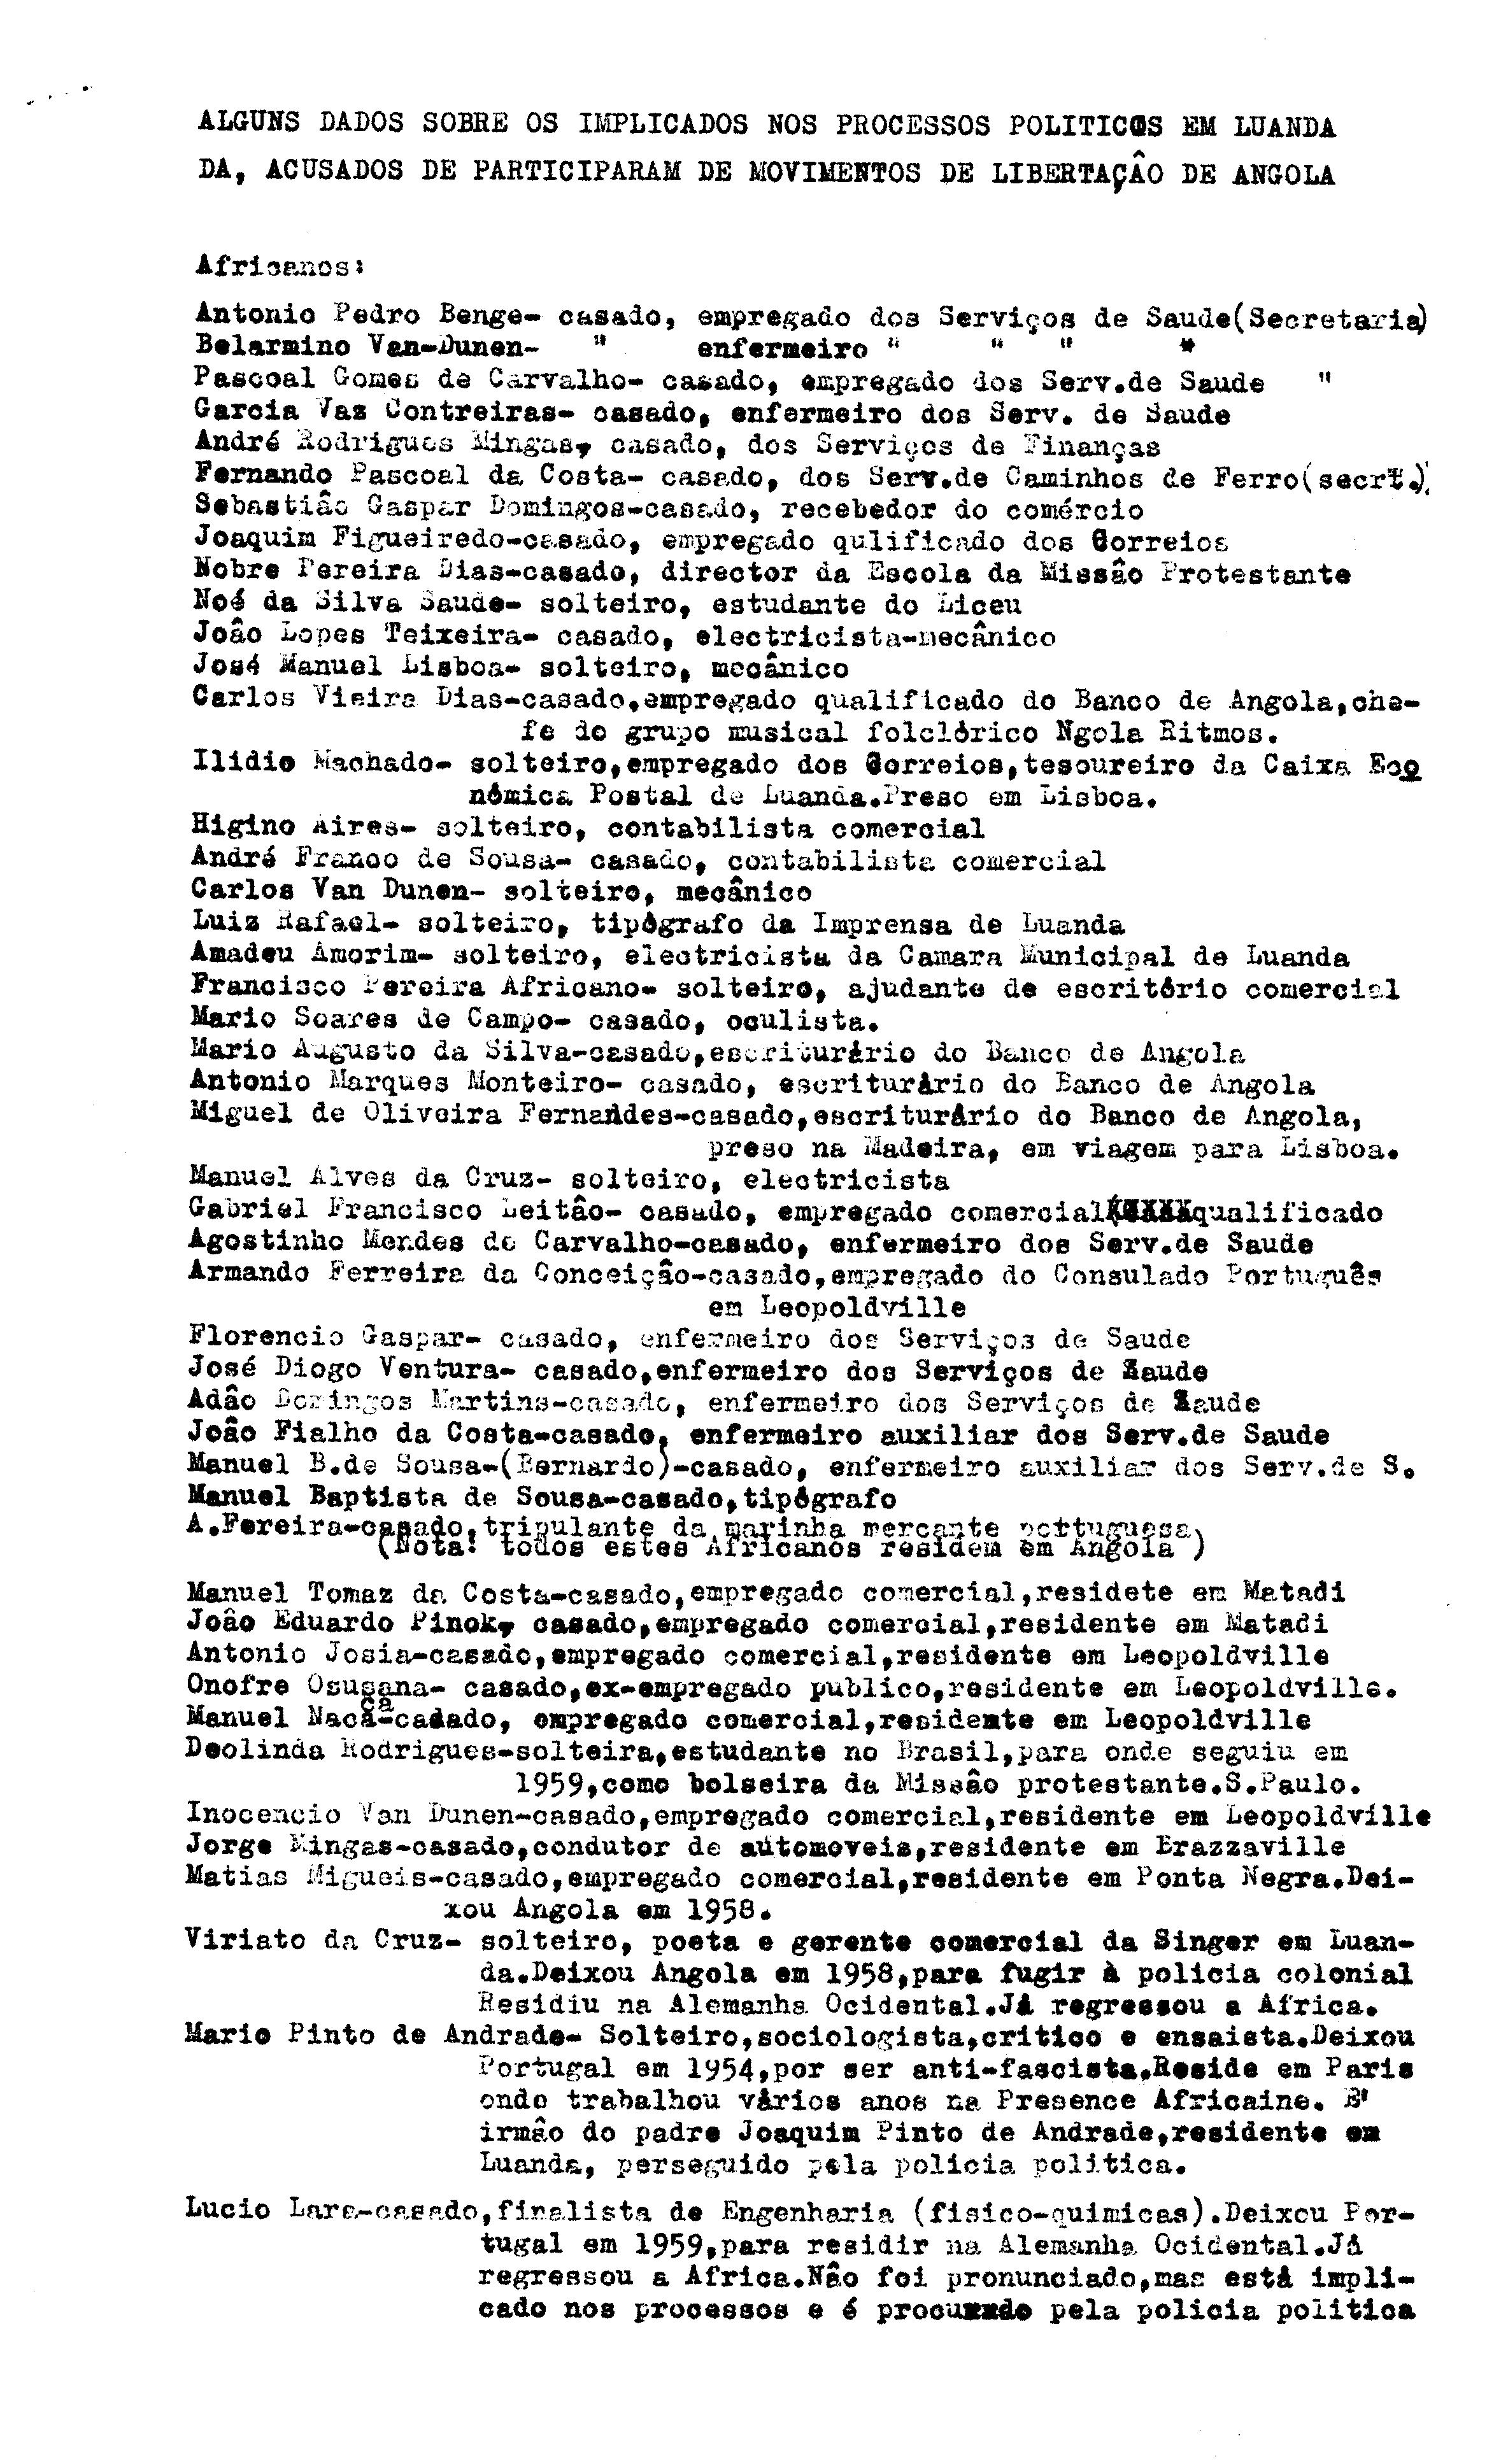 07058.017.008- pag.1